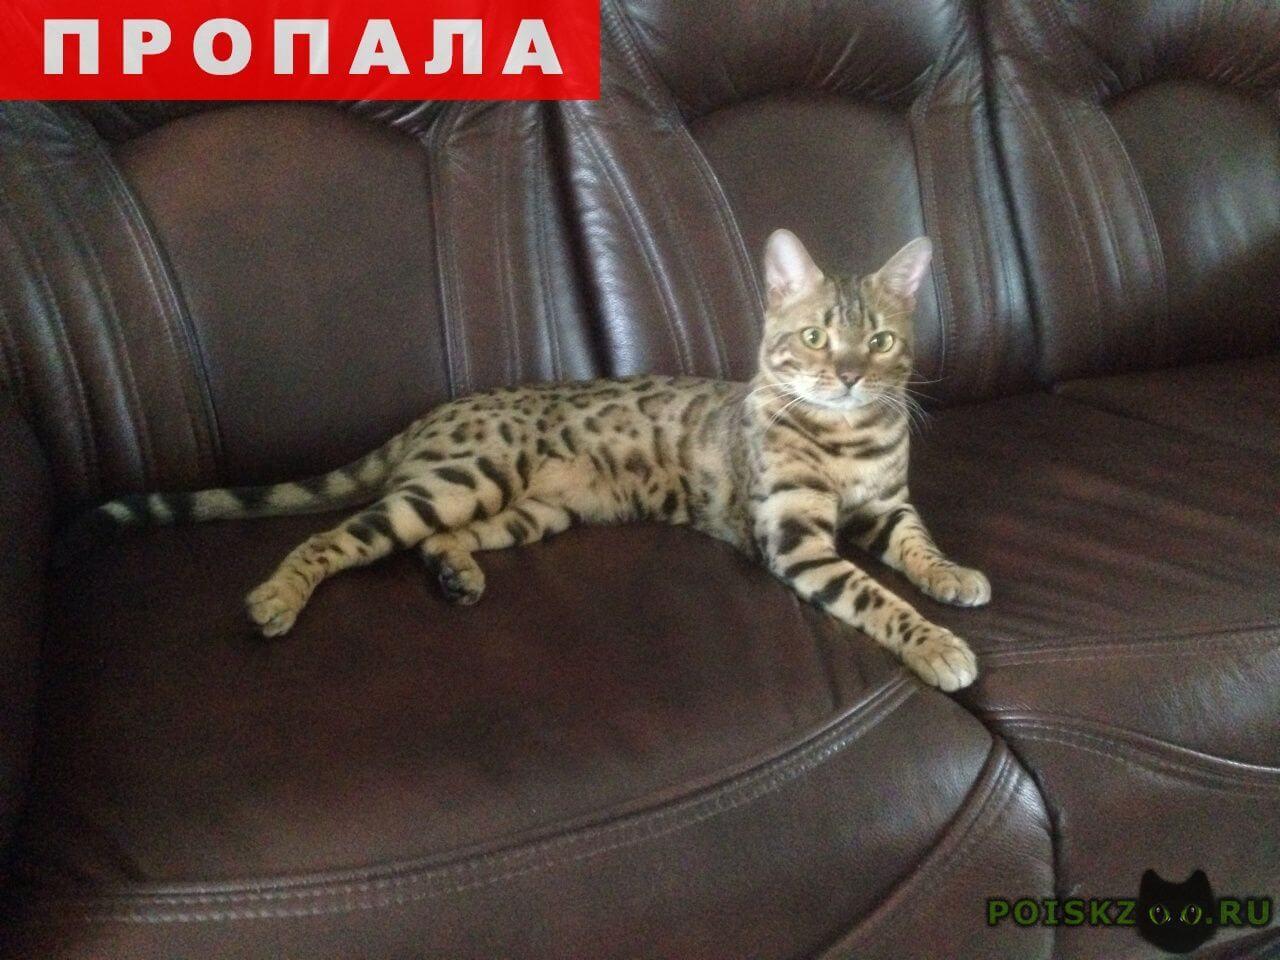 Пропал кот бенгальский г.Екатеринбург